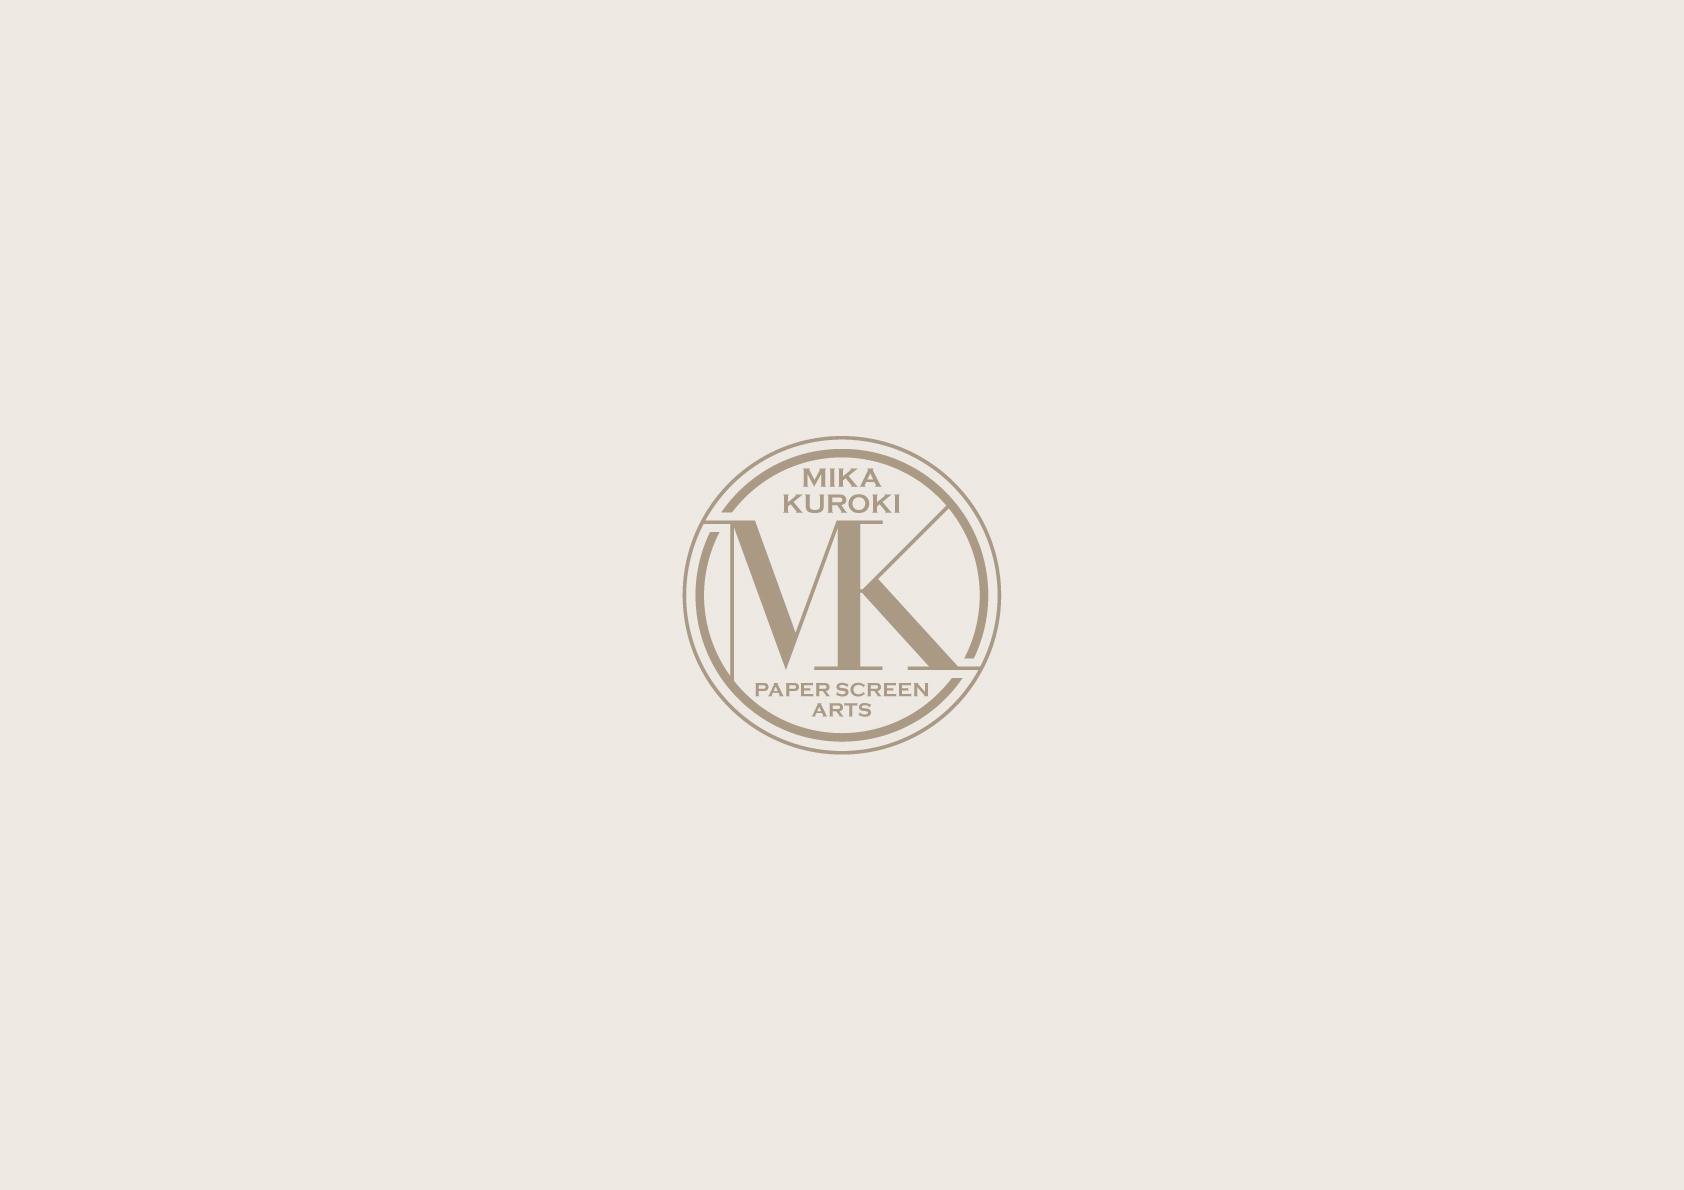 MK_DE_20